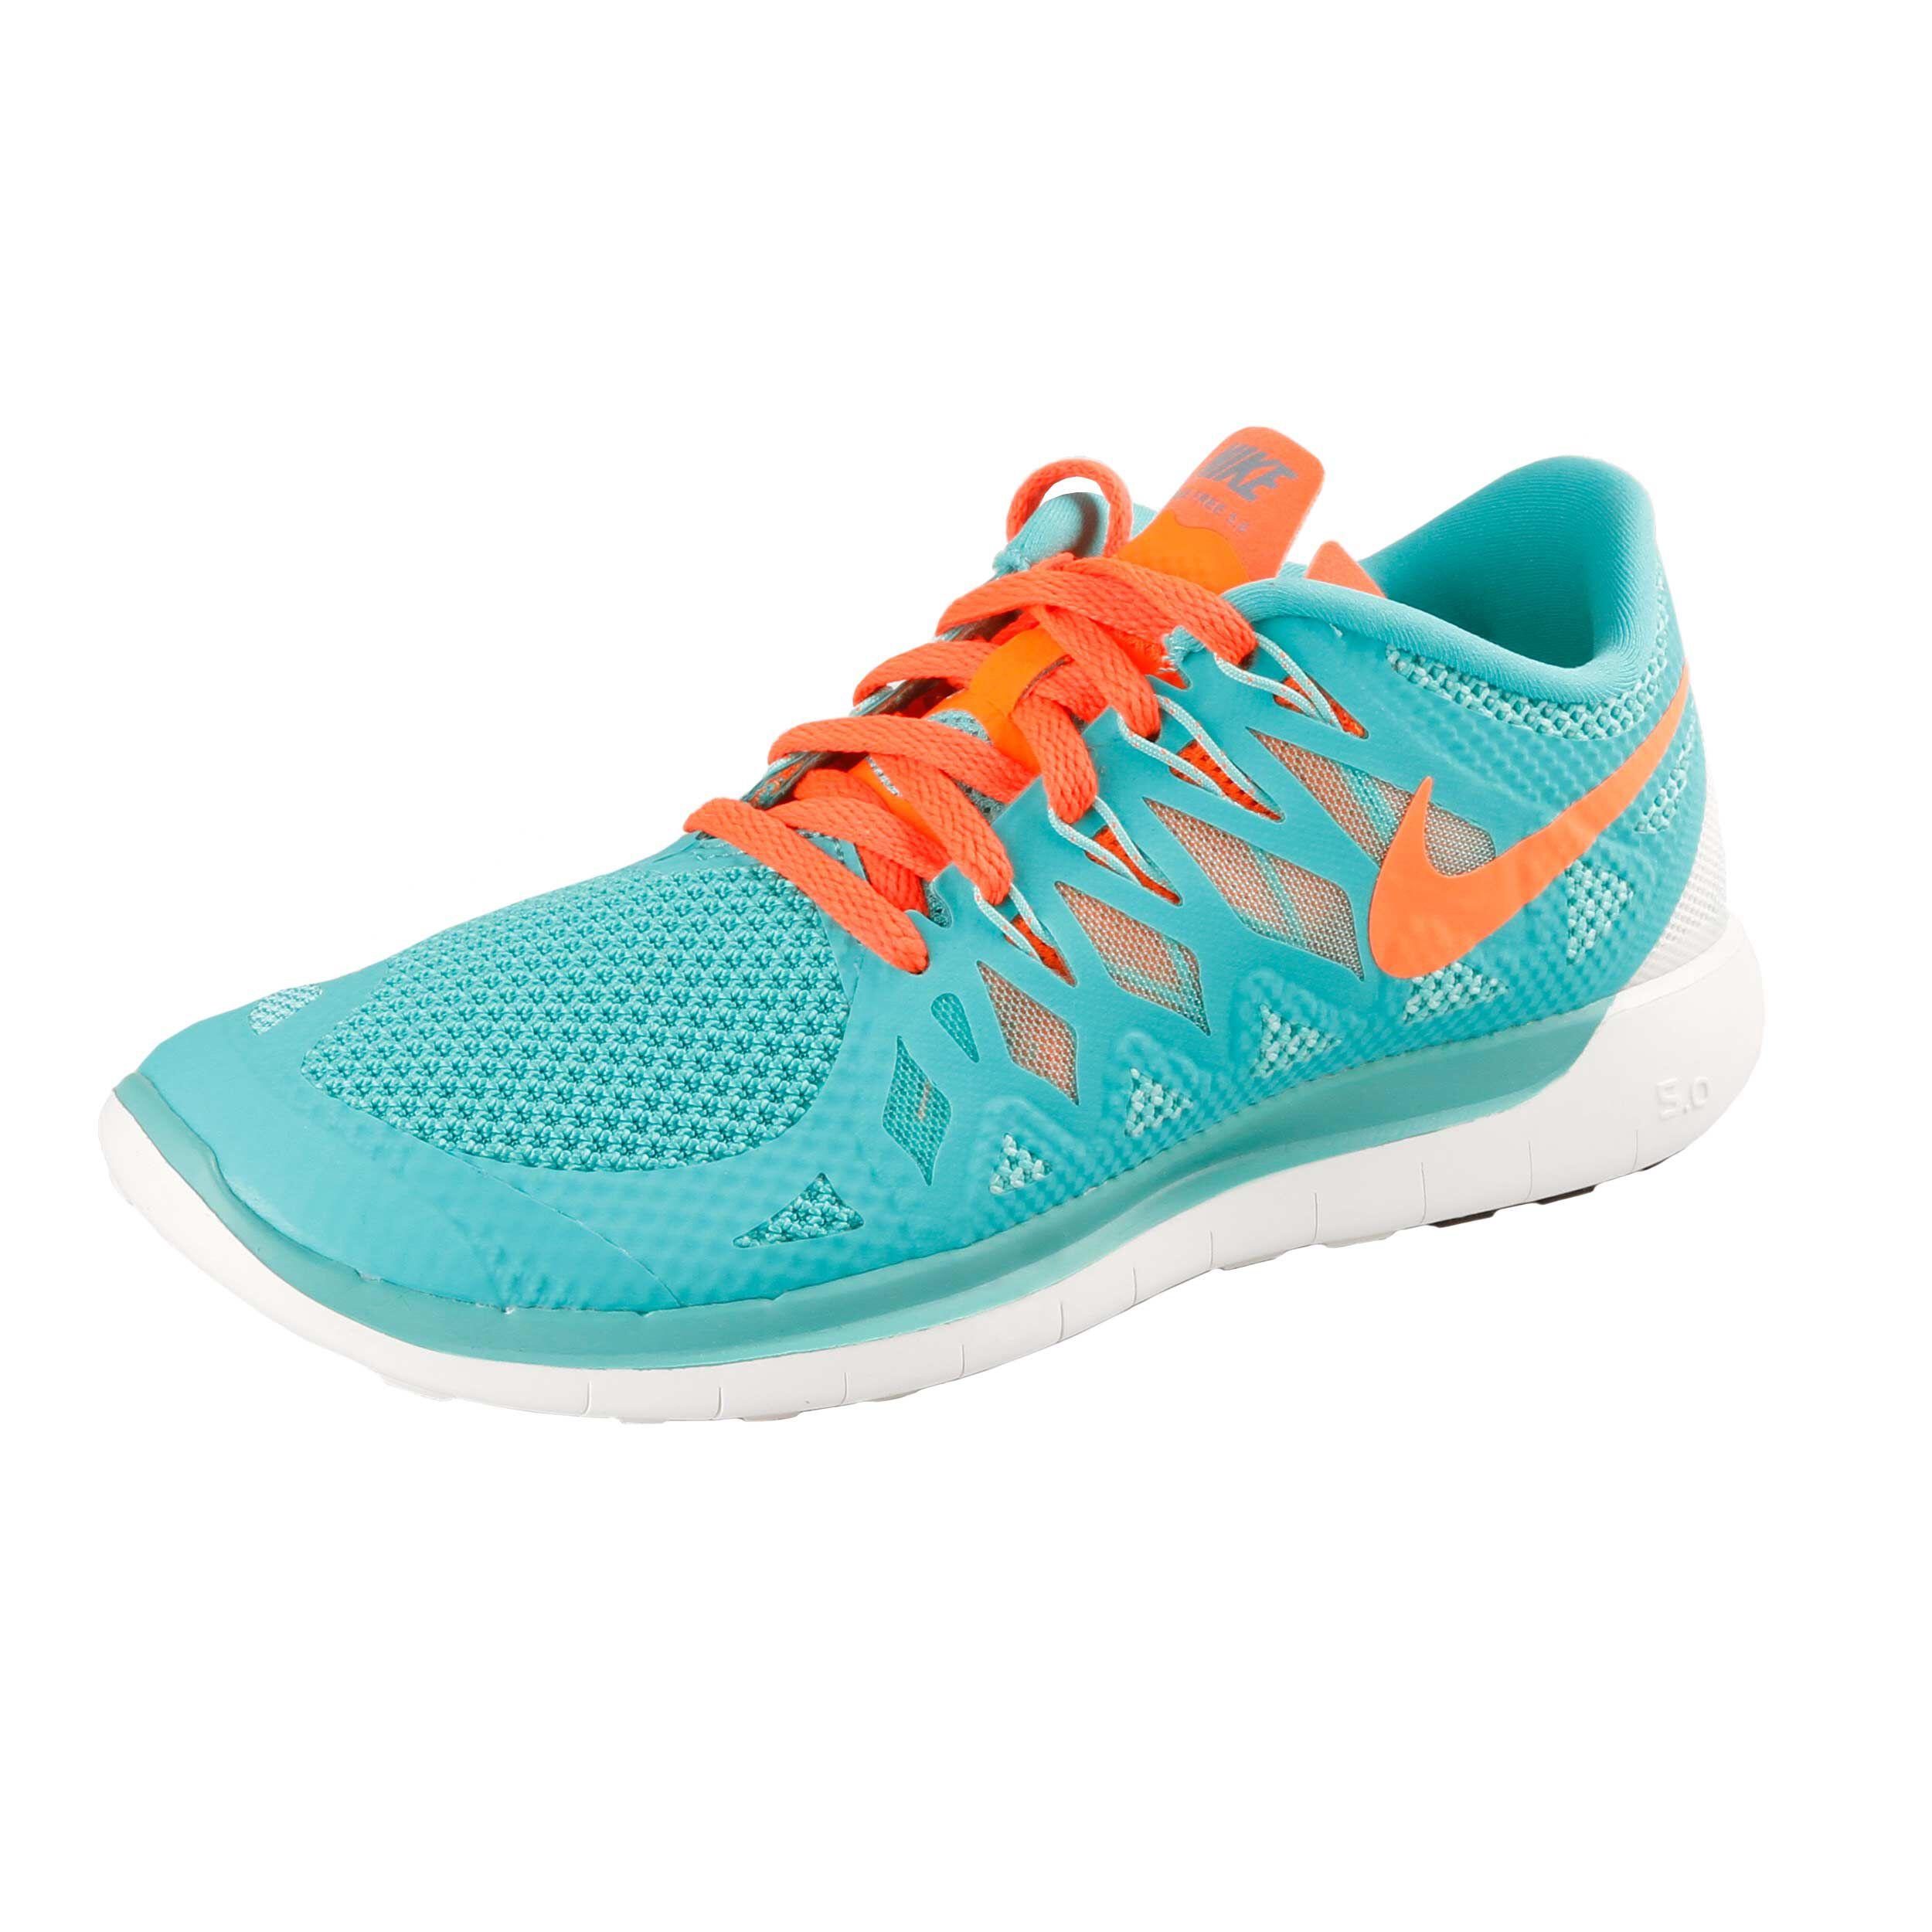 TürkisOrange 5 0Sneaker Free Damen Nike nmwN80